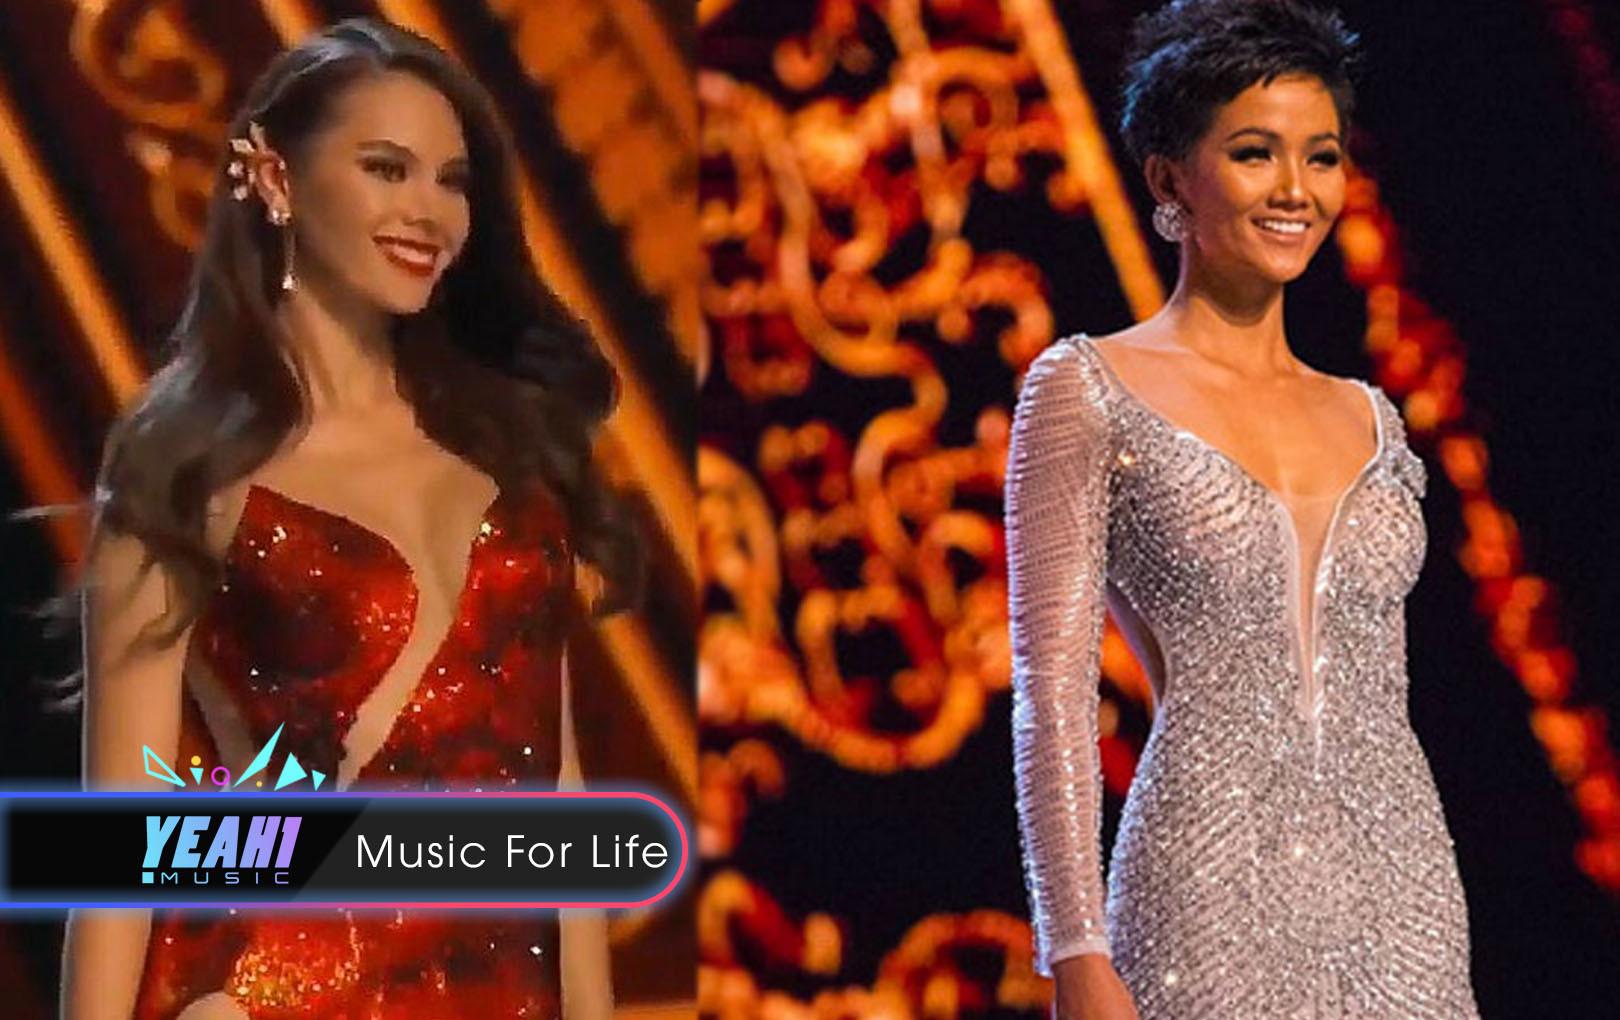 Philippines đăng quang Hoa hậu Hoàn vũ, H'Hen Niê dừng Top 5 -Một thành tích quá xuất sắc